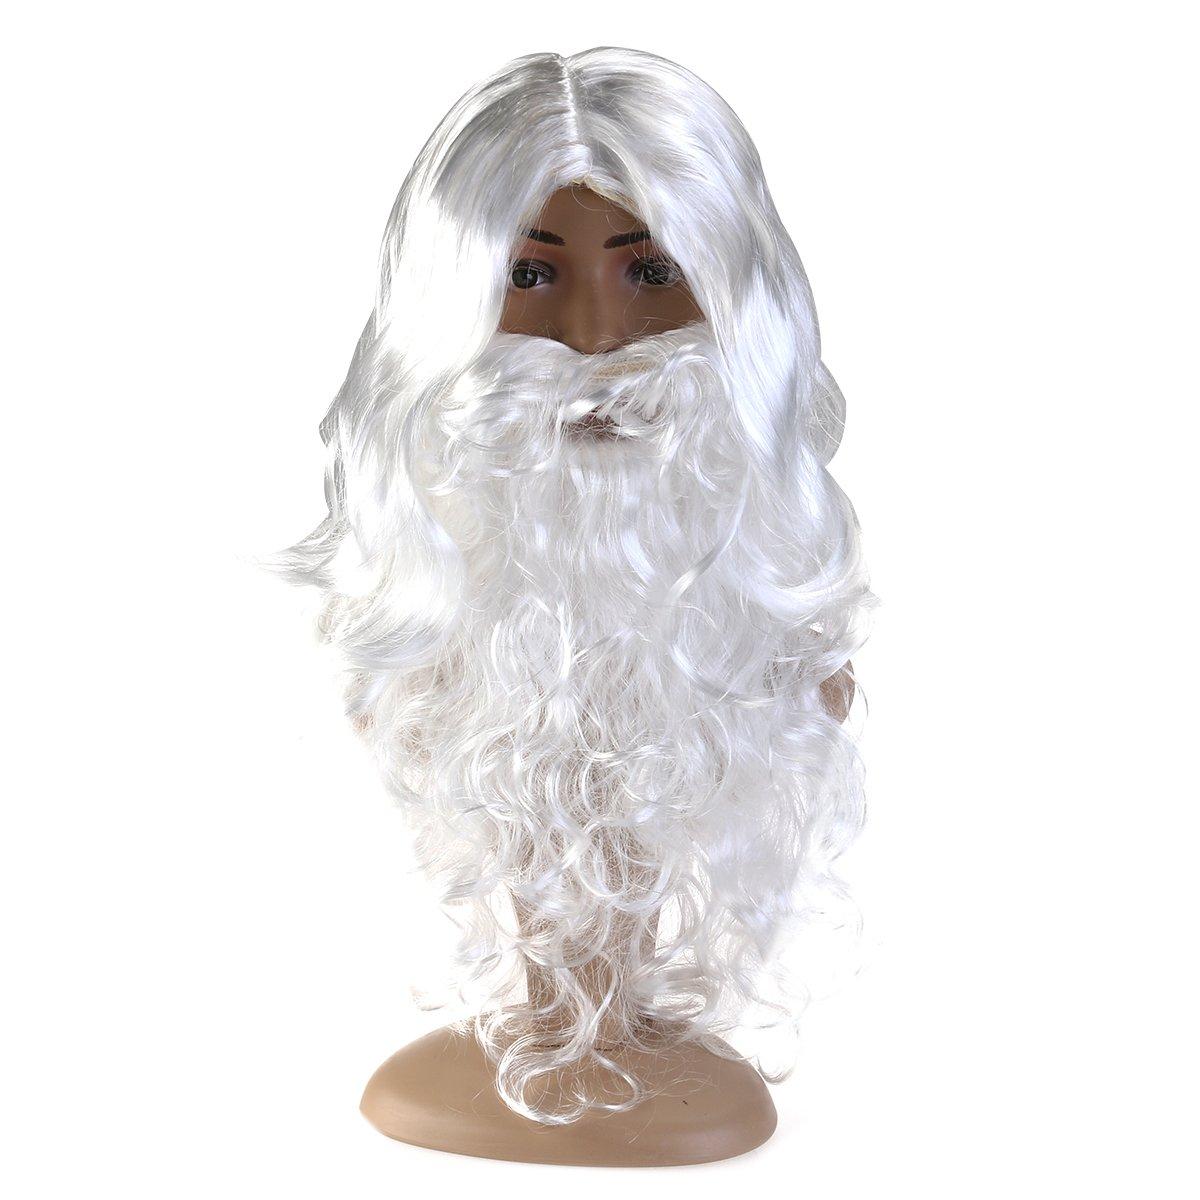 FENICAL Santa Wig Beard Set Christmas Gift